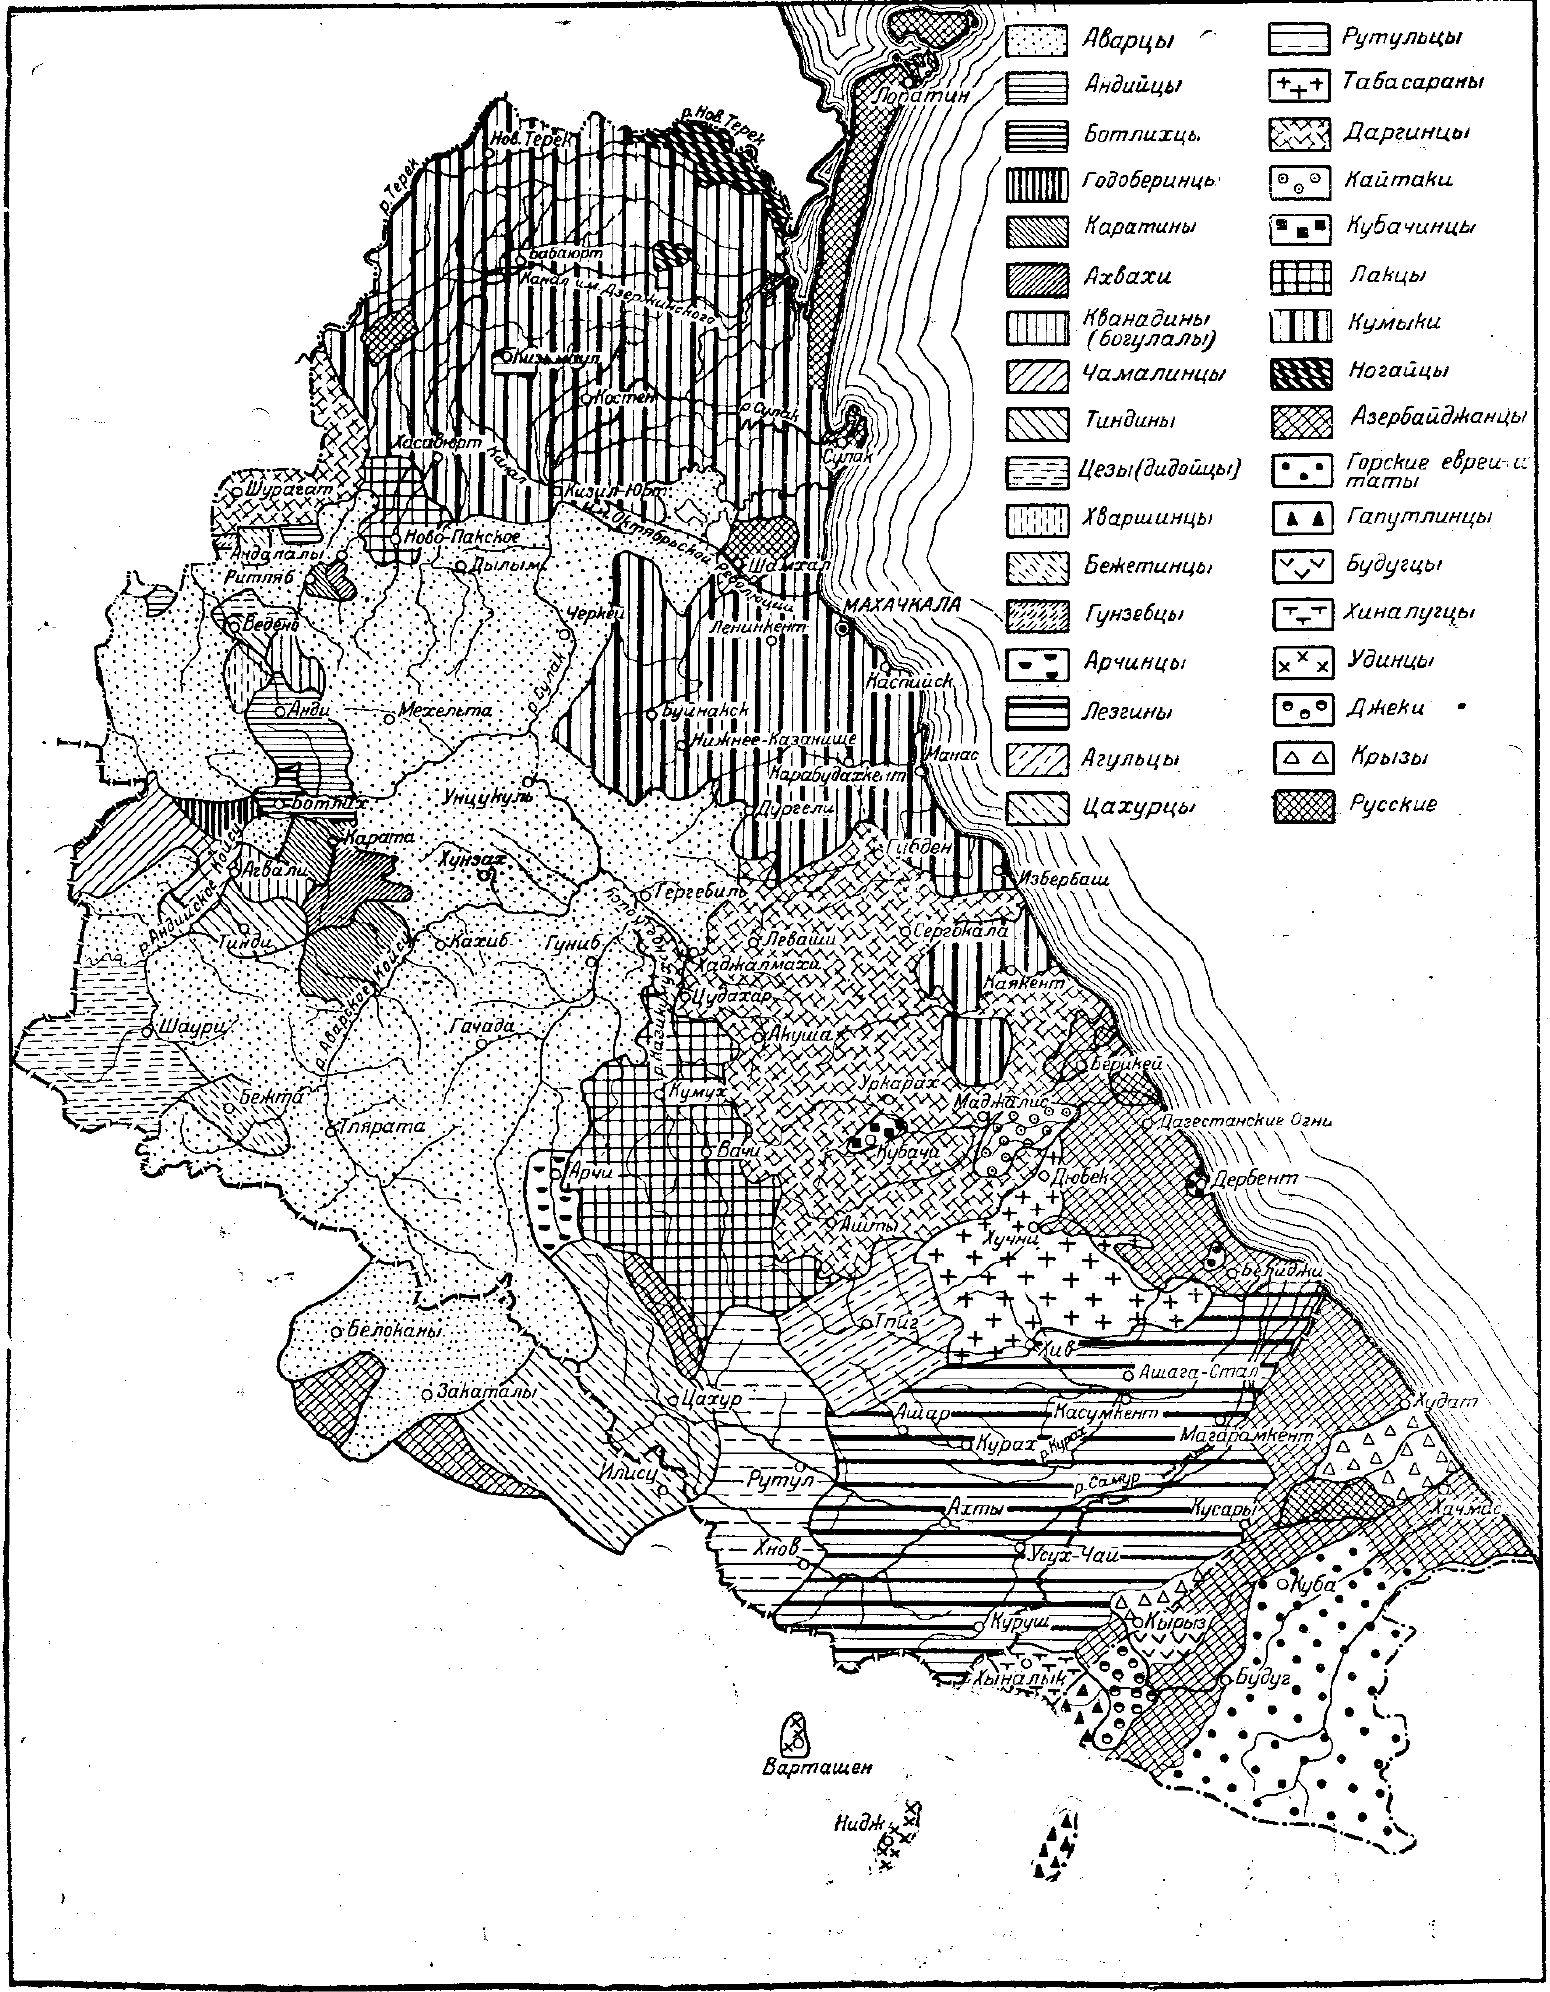 Карта народов Дагестана (по данным обследования 1953—1954 гг.)